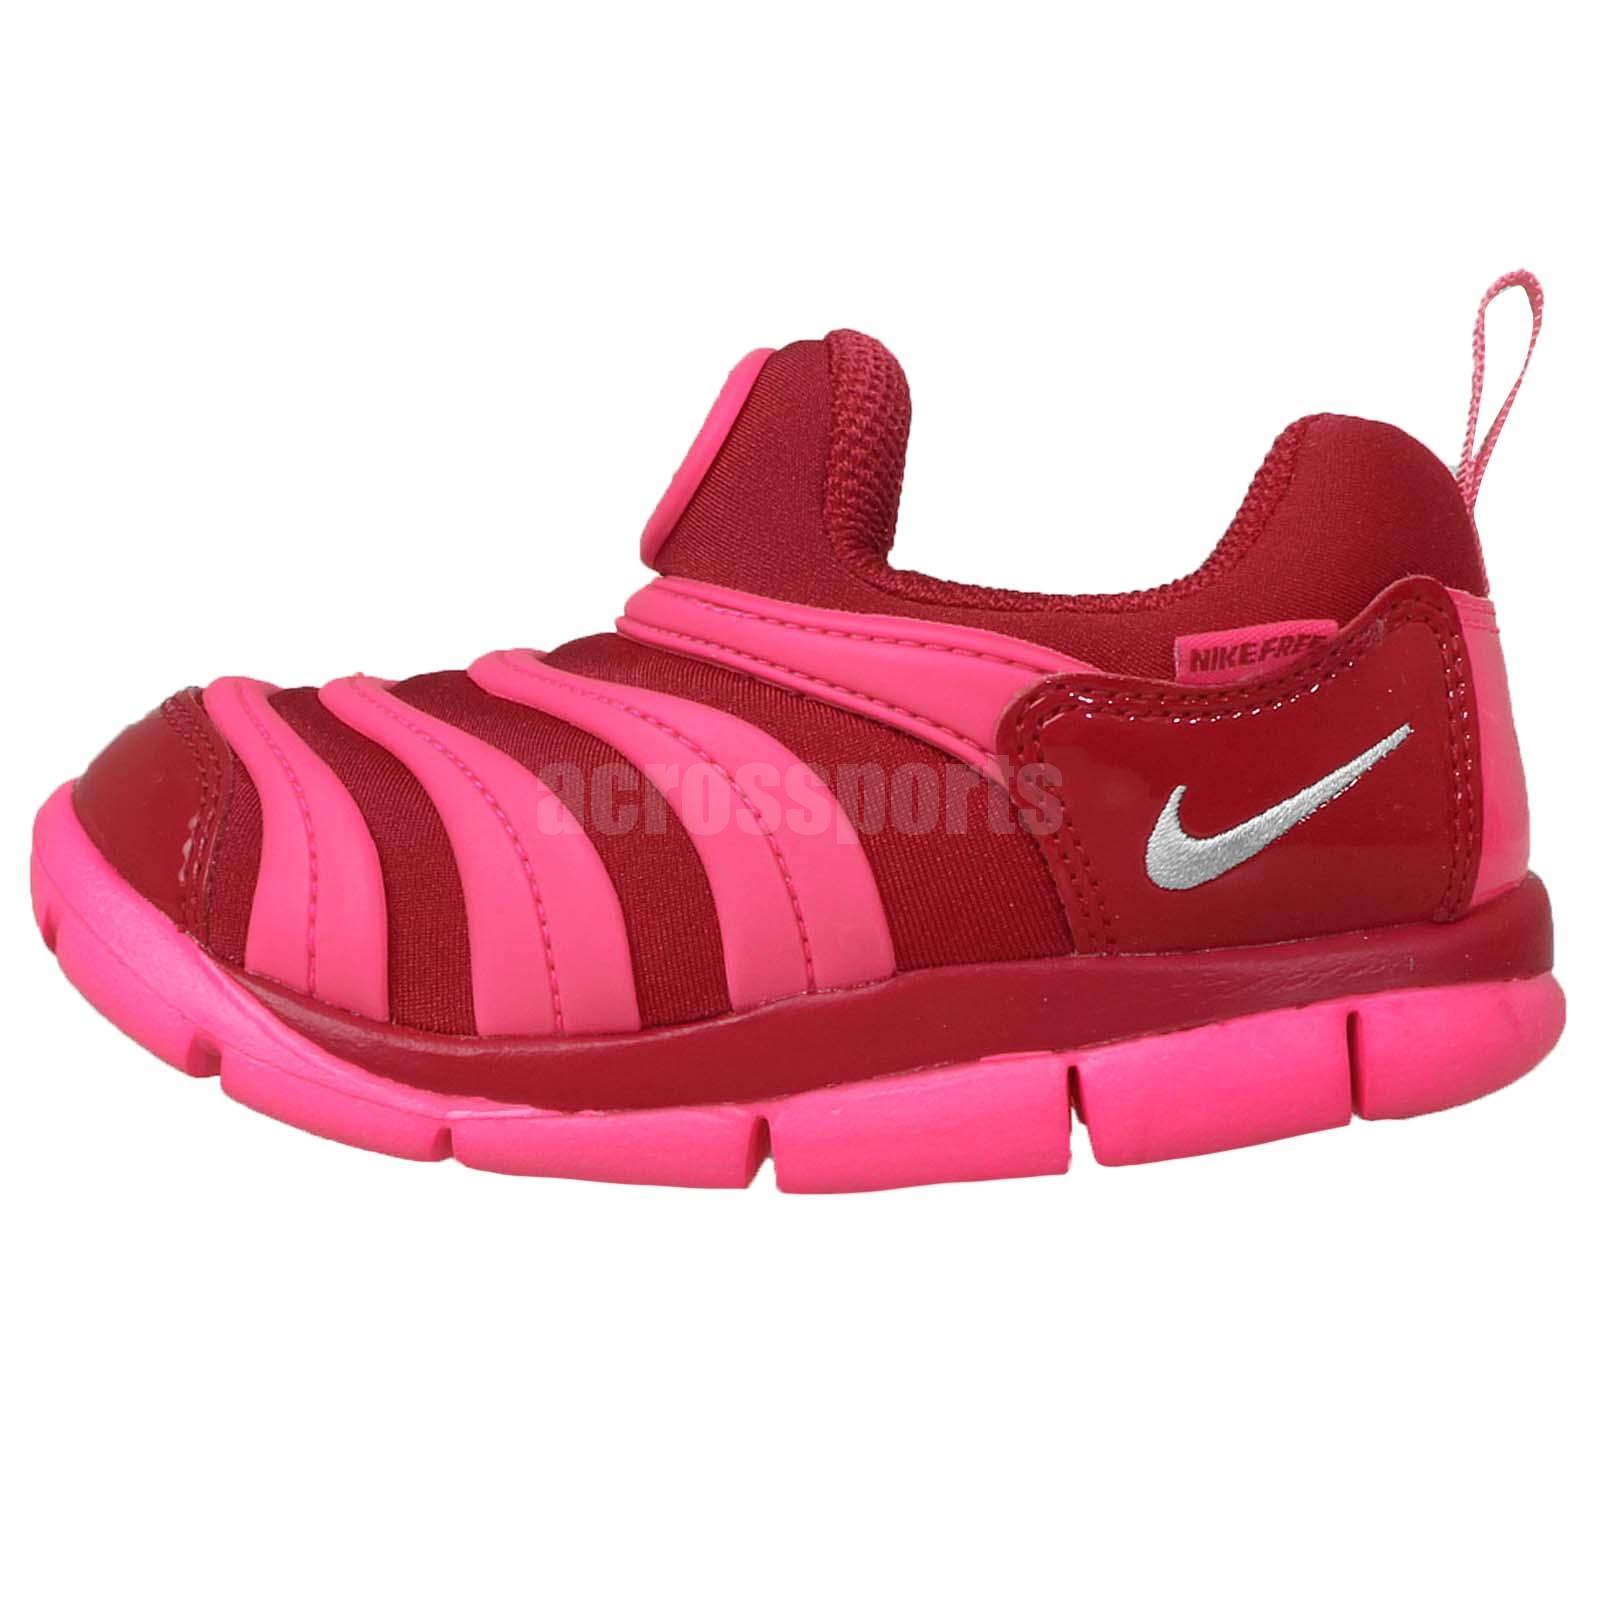 nike dynamo free td pink 2015 toddler baby running